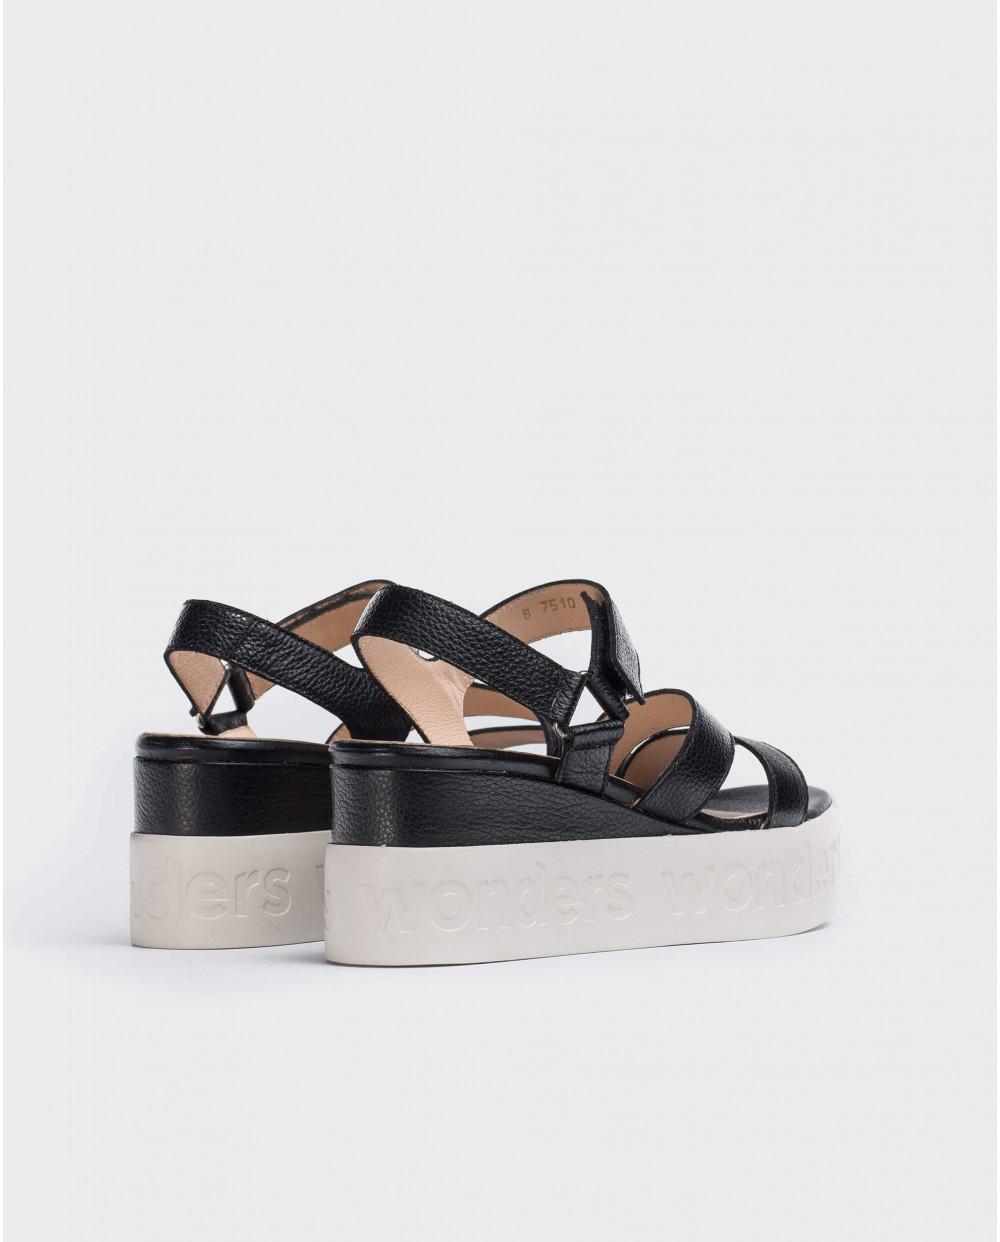 Wonders-Sandals-Platform sandal with logo